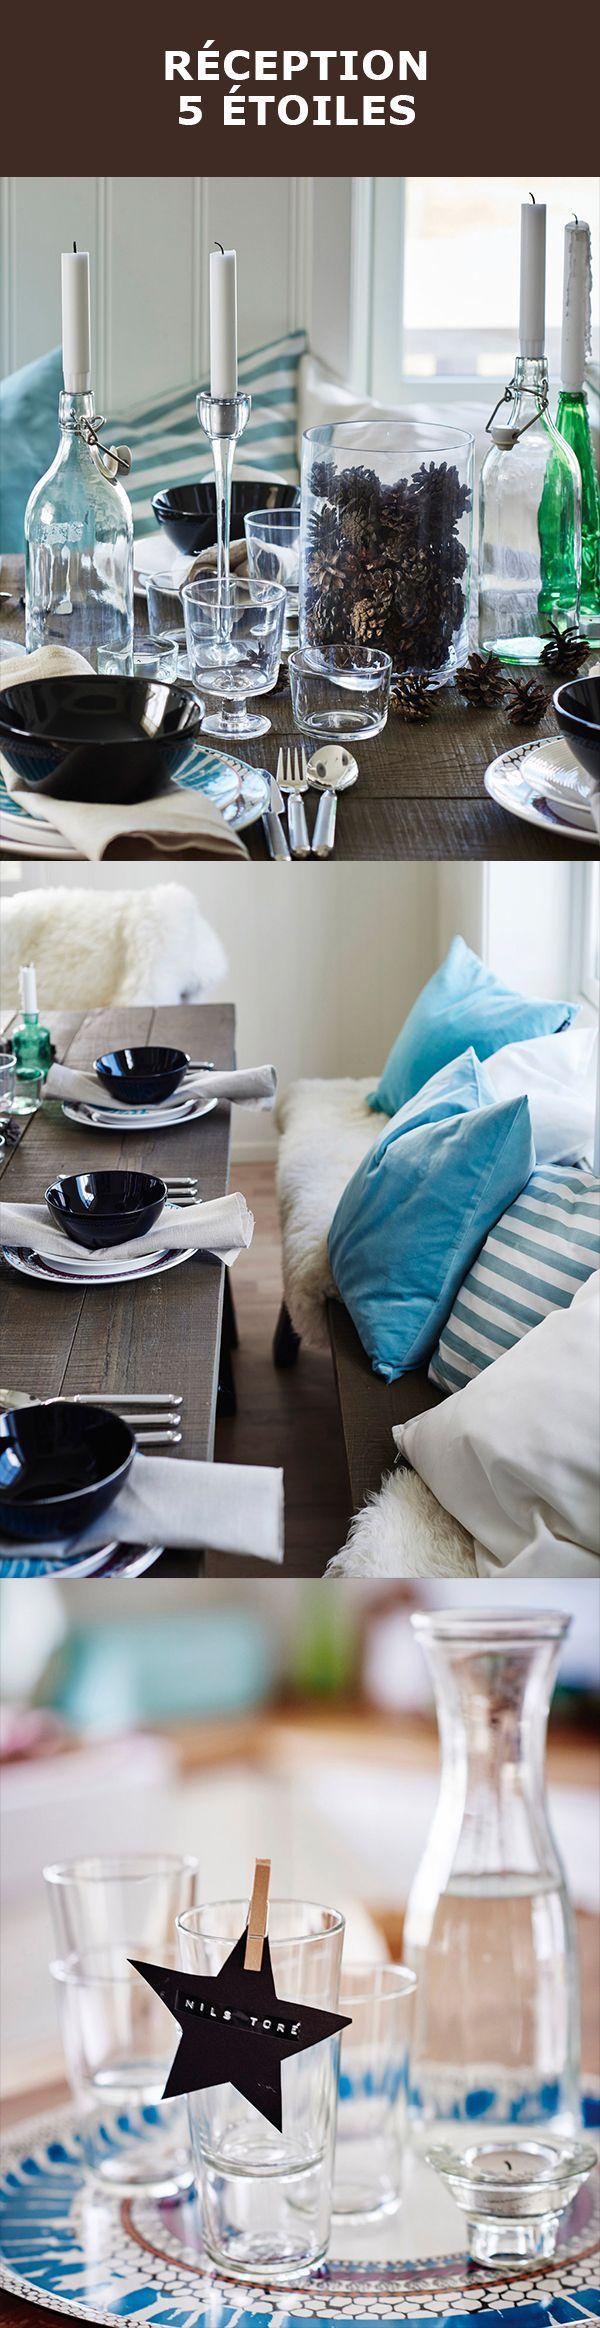 Les plus belles tables hivernales sont inspirées de la nature. Invitez l'extérieur à l'intérieur en collectionnant des pommes de pin que vous placerez dans un vase CYLINDER. Et petit bonus, vous avez maintenant une bonne raison de passer l'après-midi à l'extérieur.